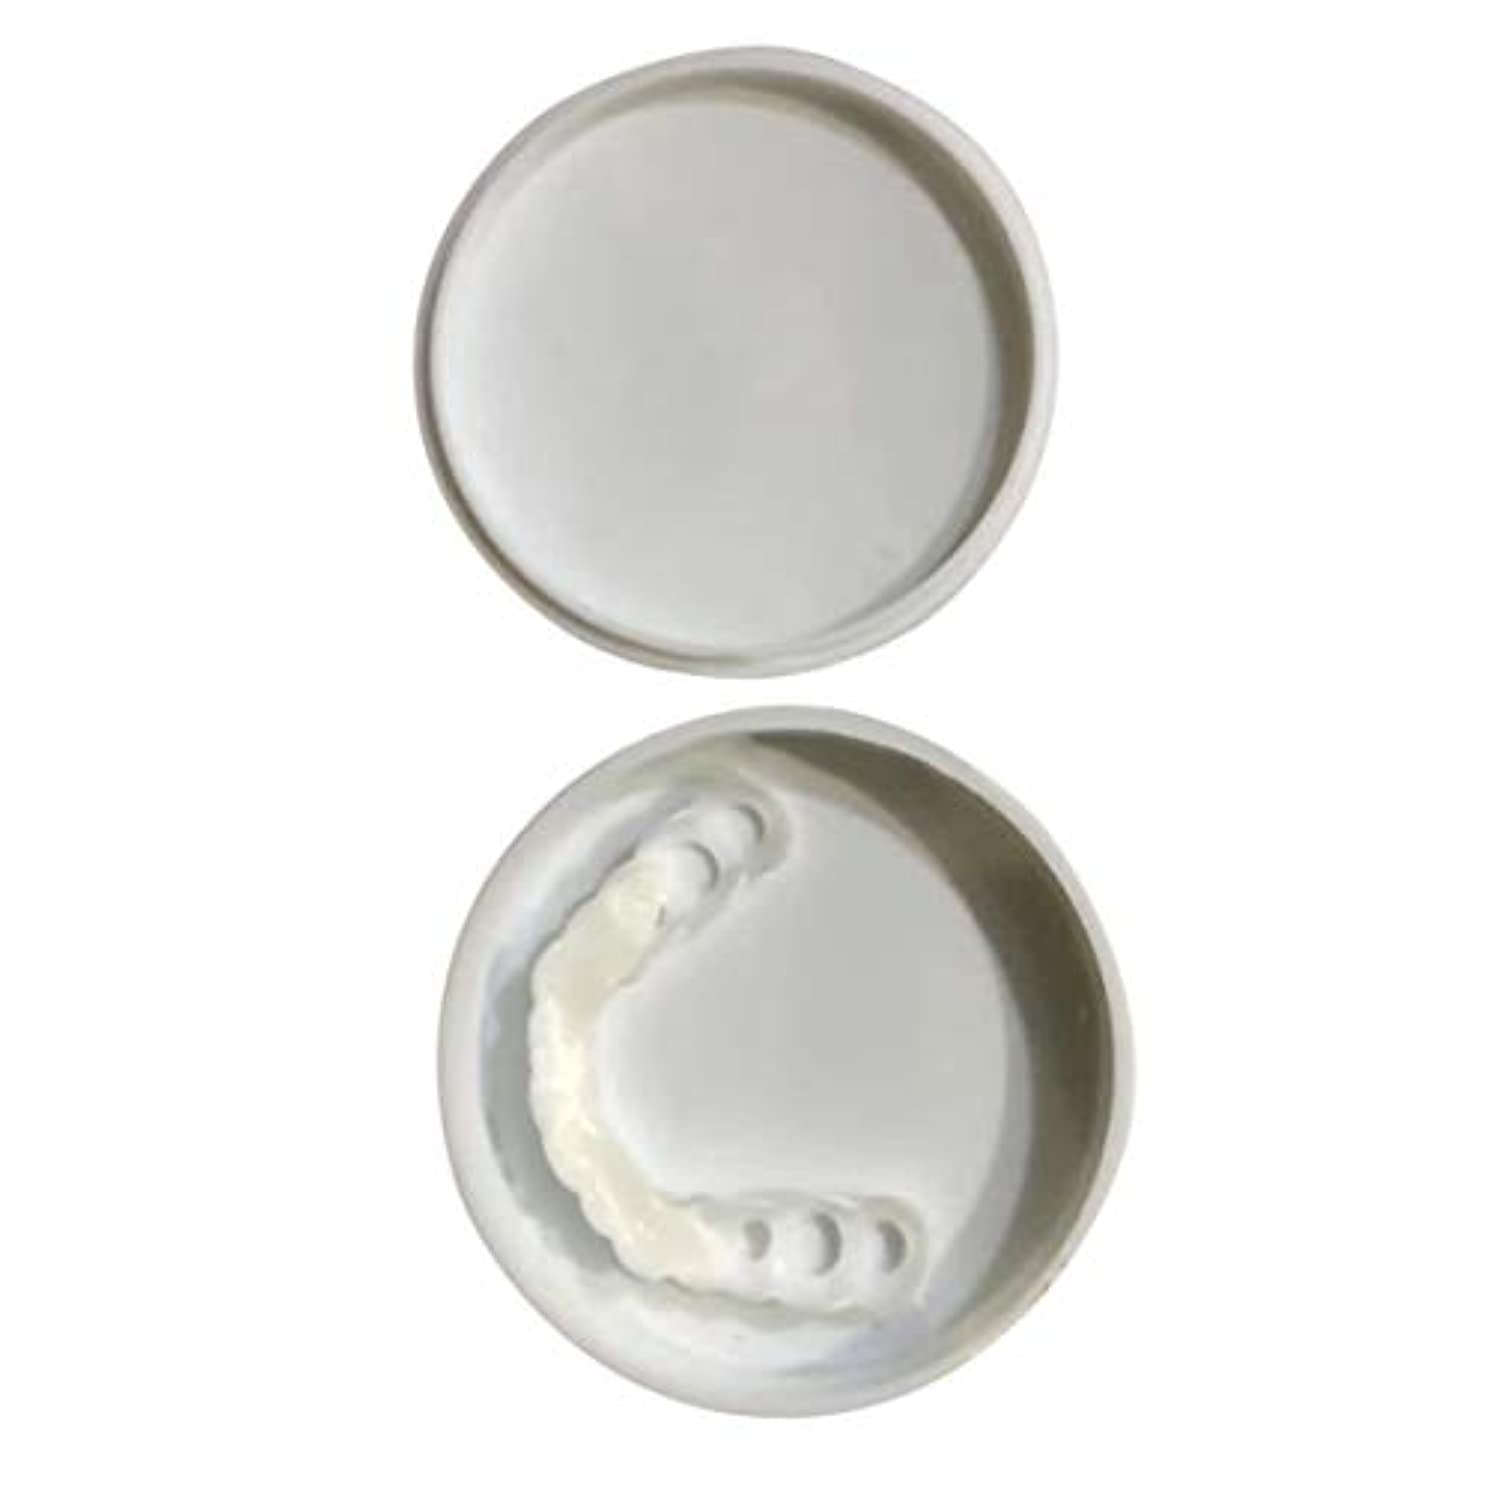 ヒット勇気小包快適なスナップオン男性女性歯インスタントパーフェクトスマイルコンフォートフィットフレックス歯フィットホワイトニング笑顔偽歯カバー - ホワイト